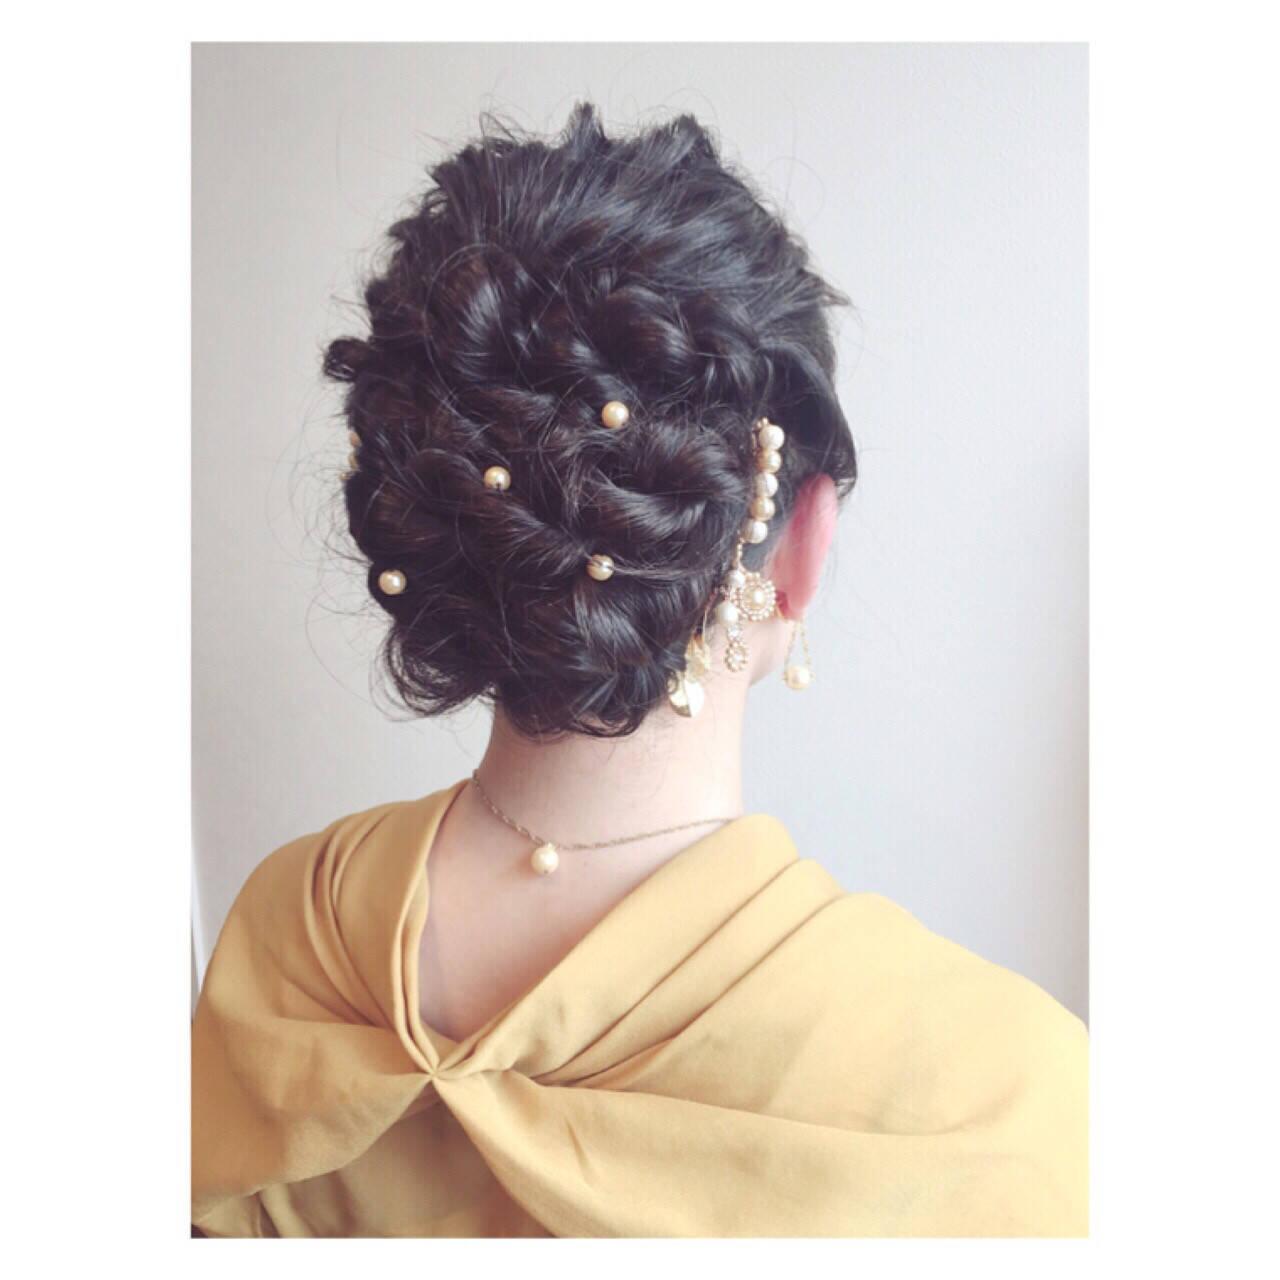 クラシカル 外国人風 ロープ編み ヘアアレンジヘアスタイルや髪型の写真・画像